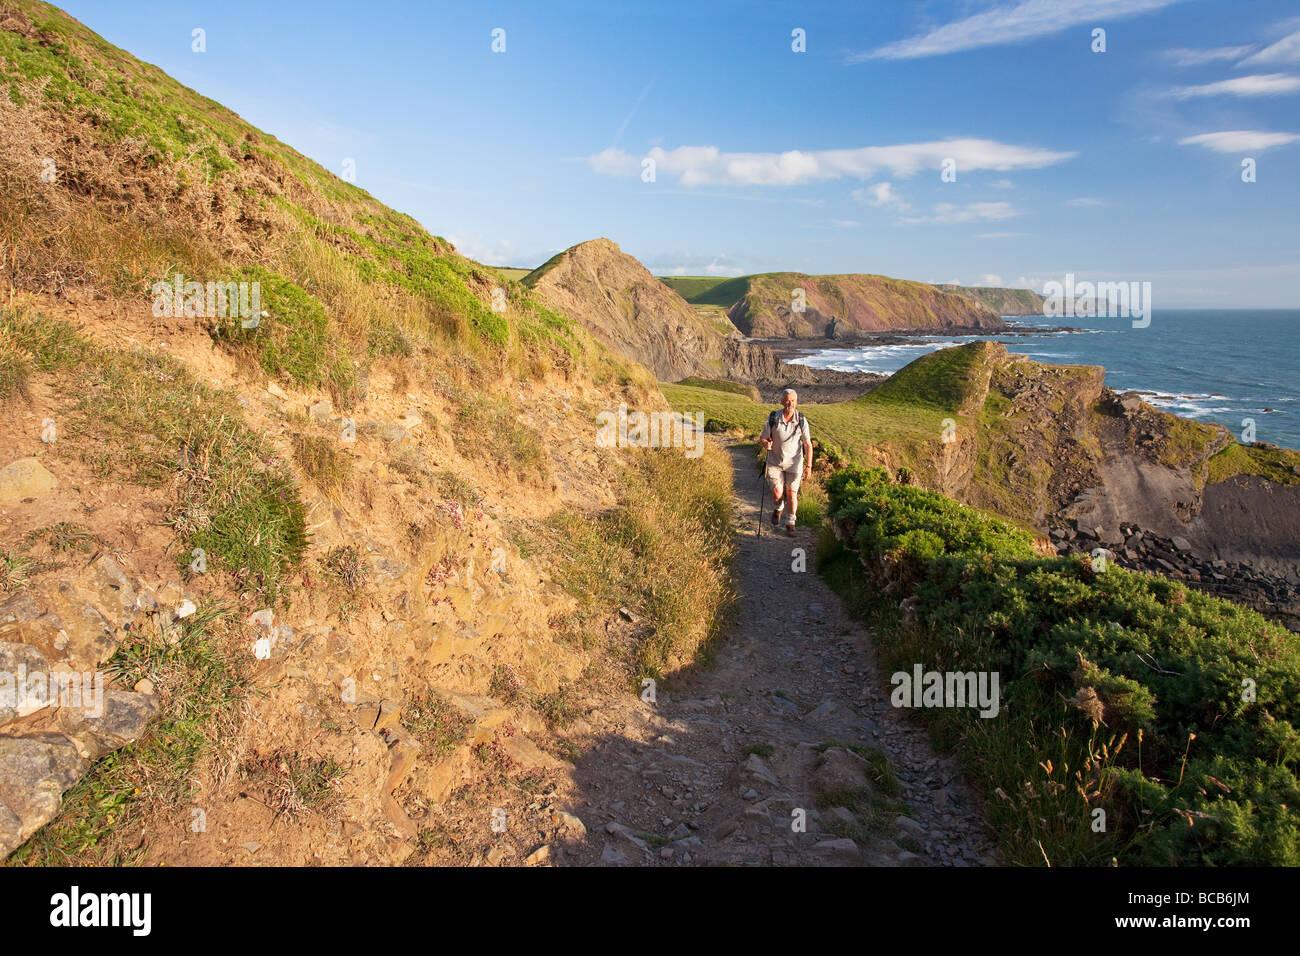 Dans l'homme d'âge moyen 50 ans marchant à Hartland Quay sur le sentier du littoral de la bouche Photo Stock